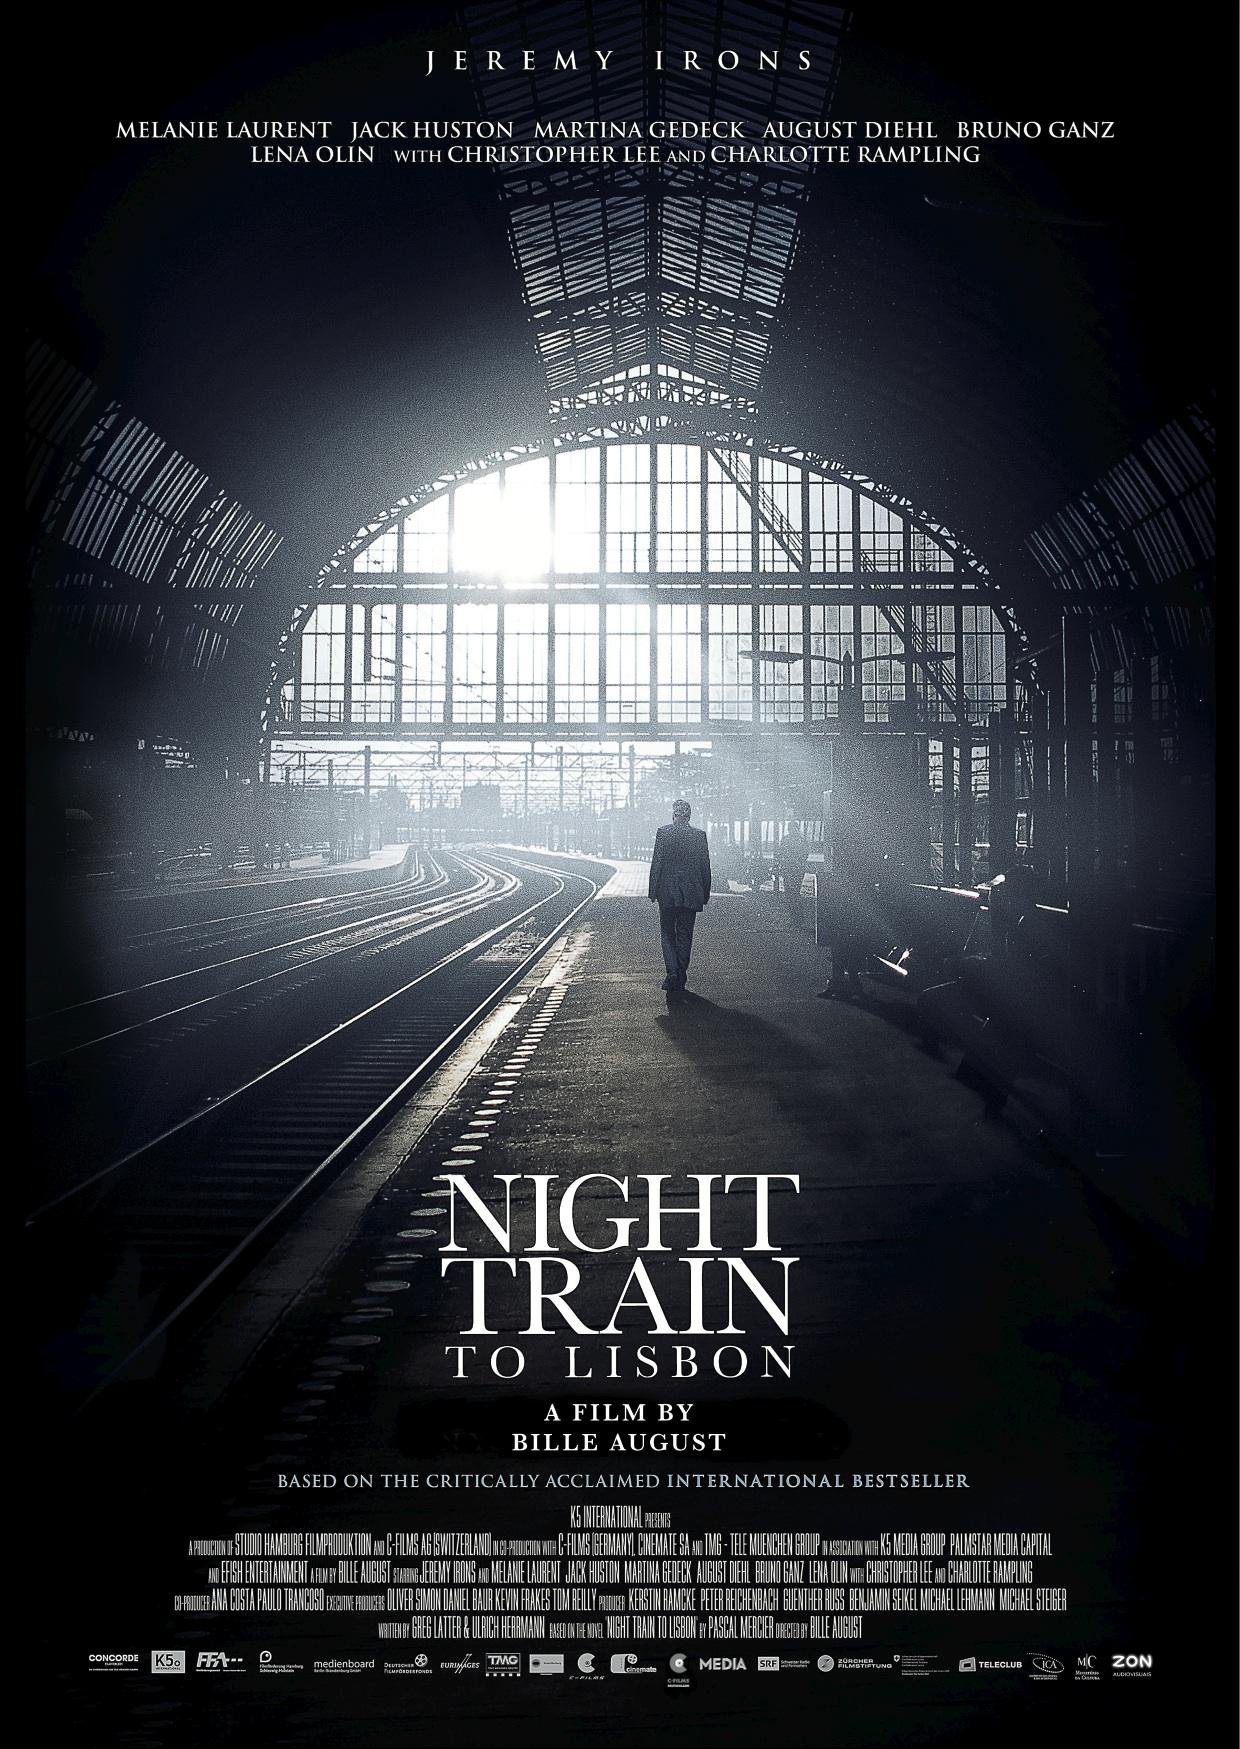 плакат фильма тизер Ночной поезд до Лиссабона*